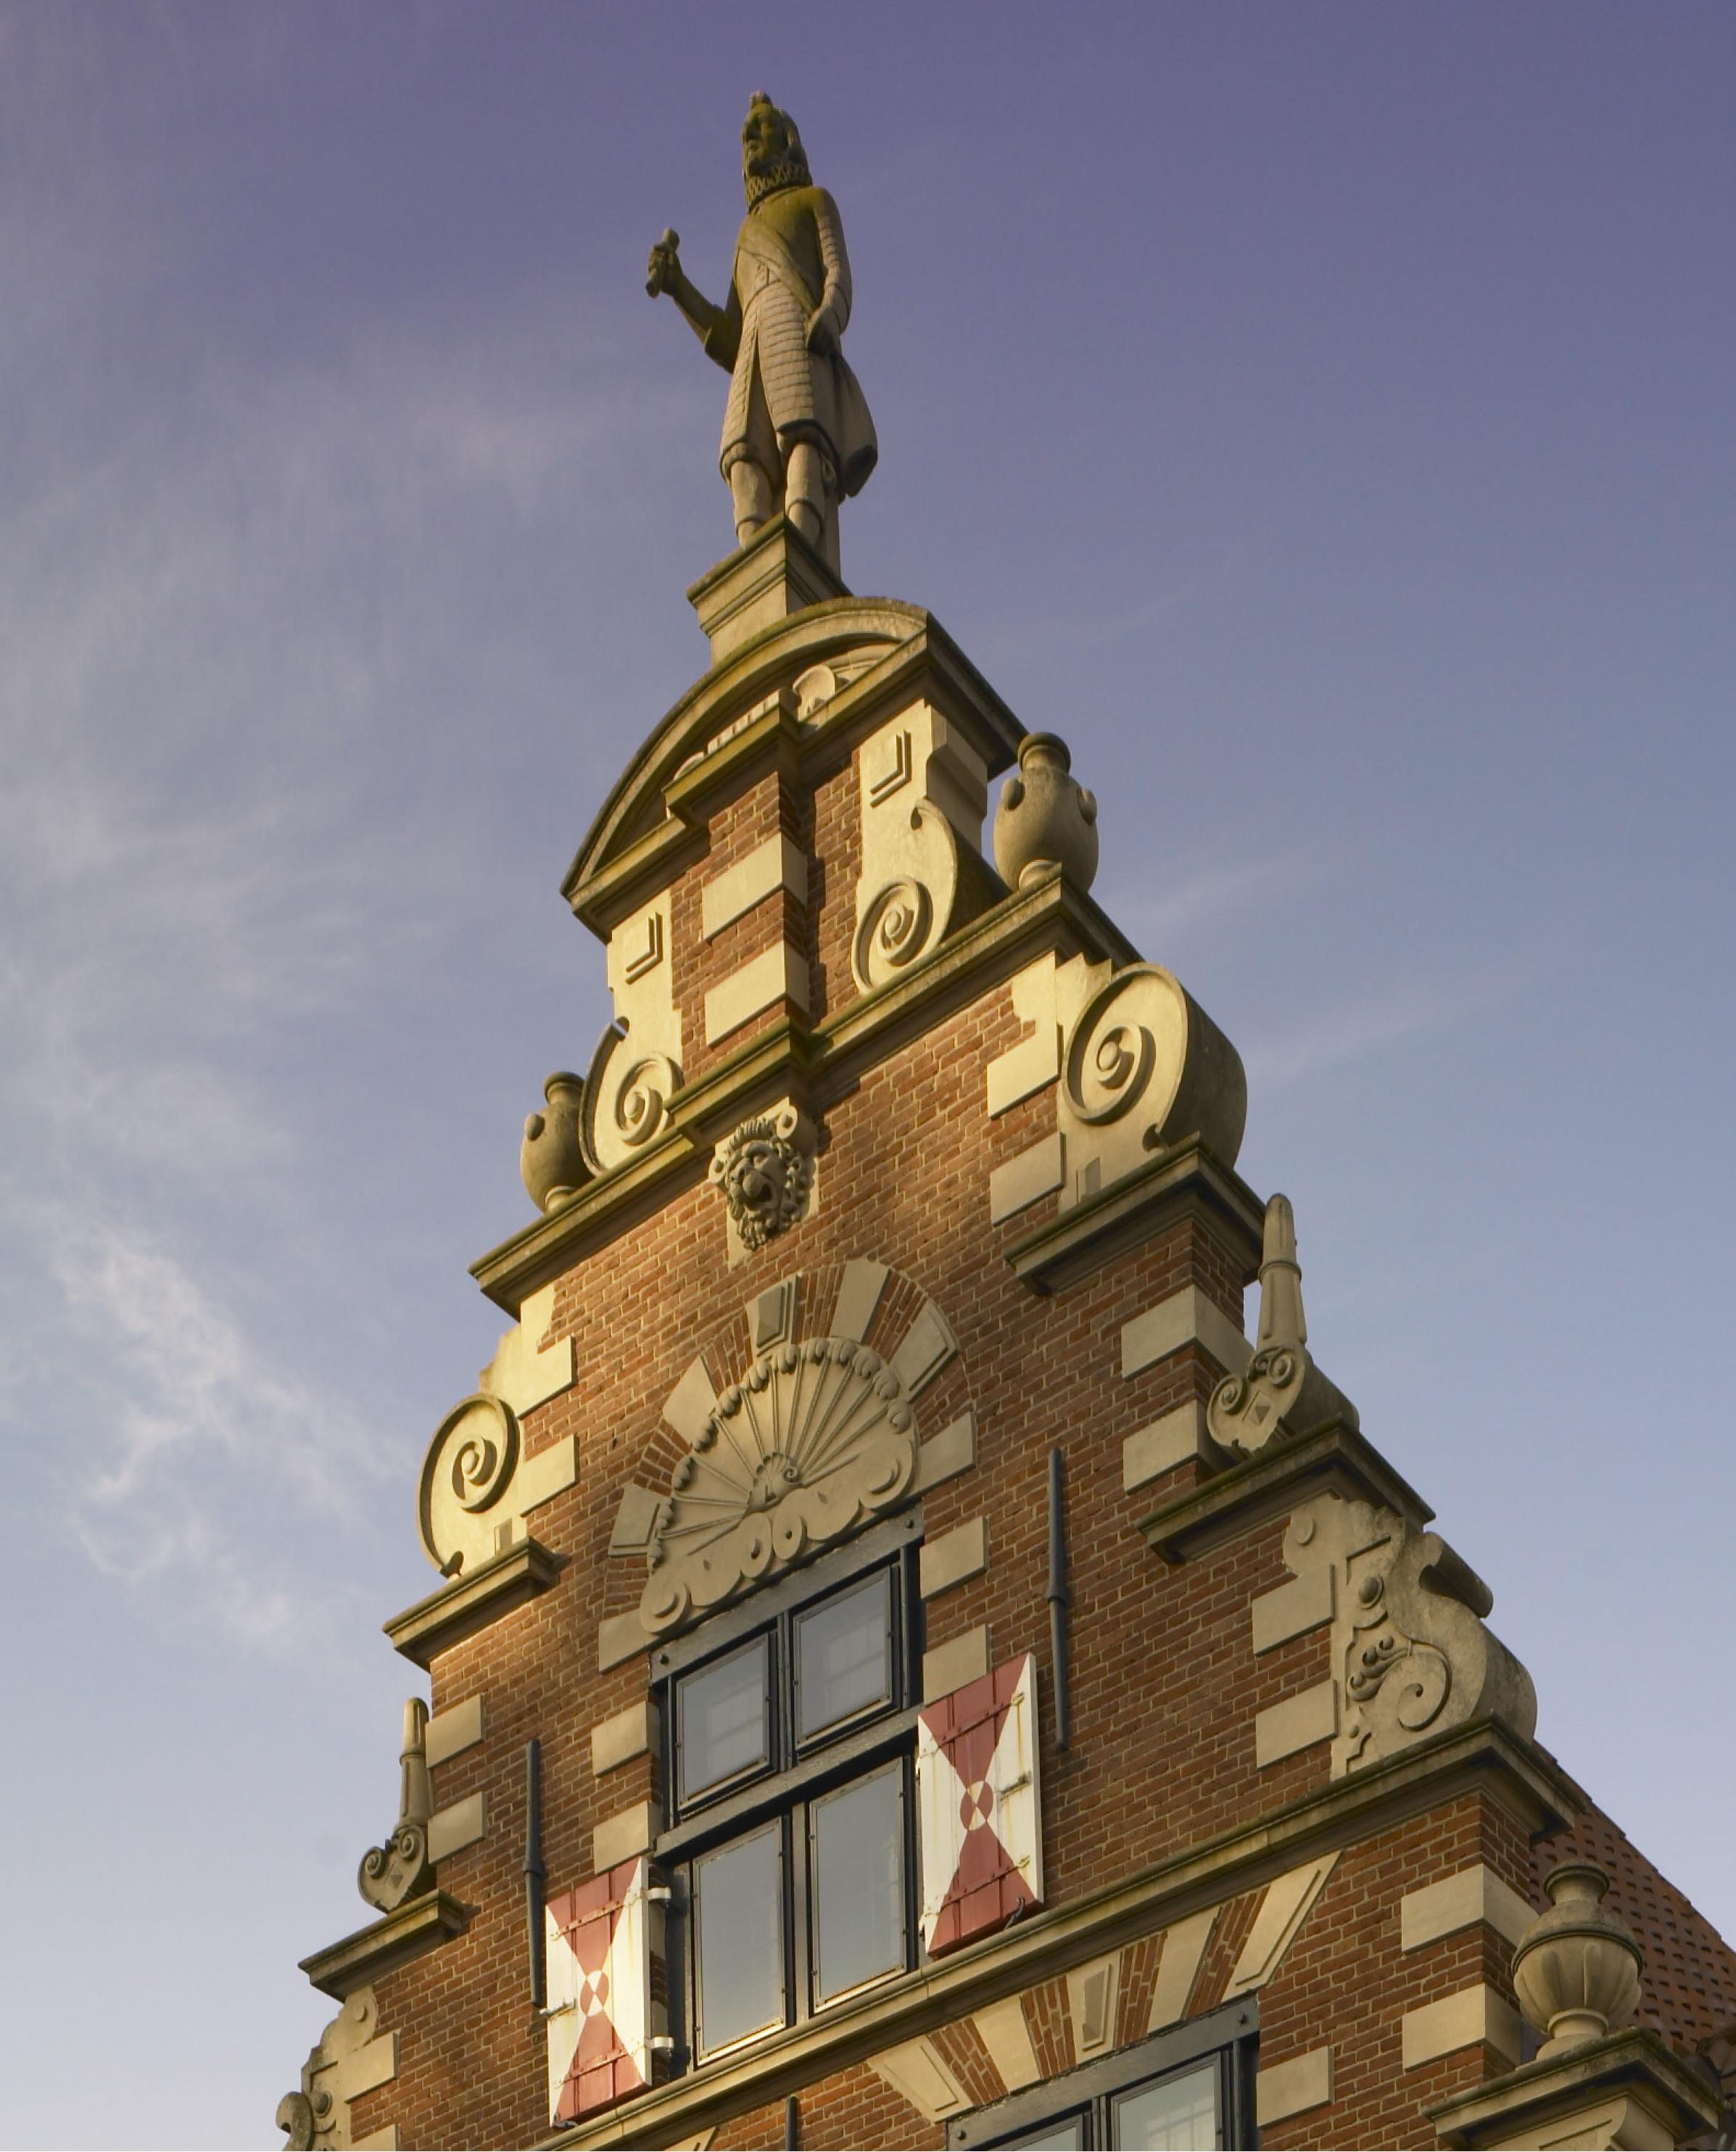 ZwaanendaelMuseum-02-8bit-e1442353407438